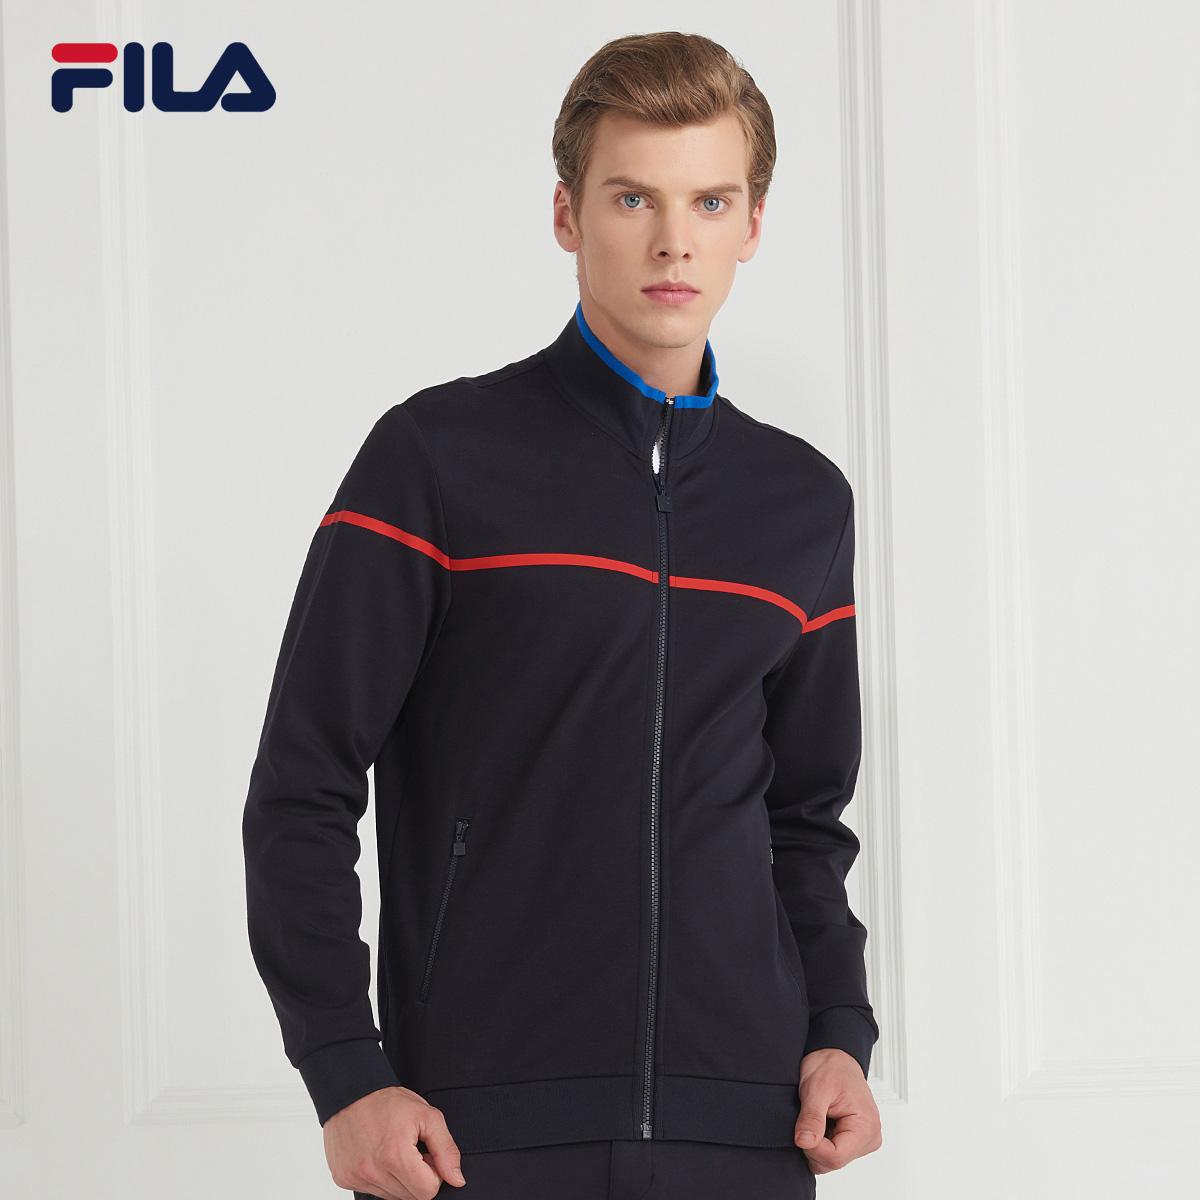 FILA斐乐男外套2018秋季新品针织时尚休闲运动外套立领长袖外套男